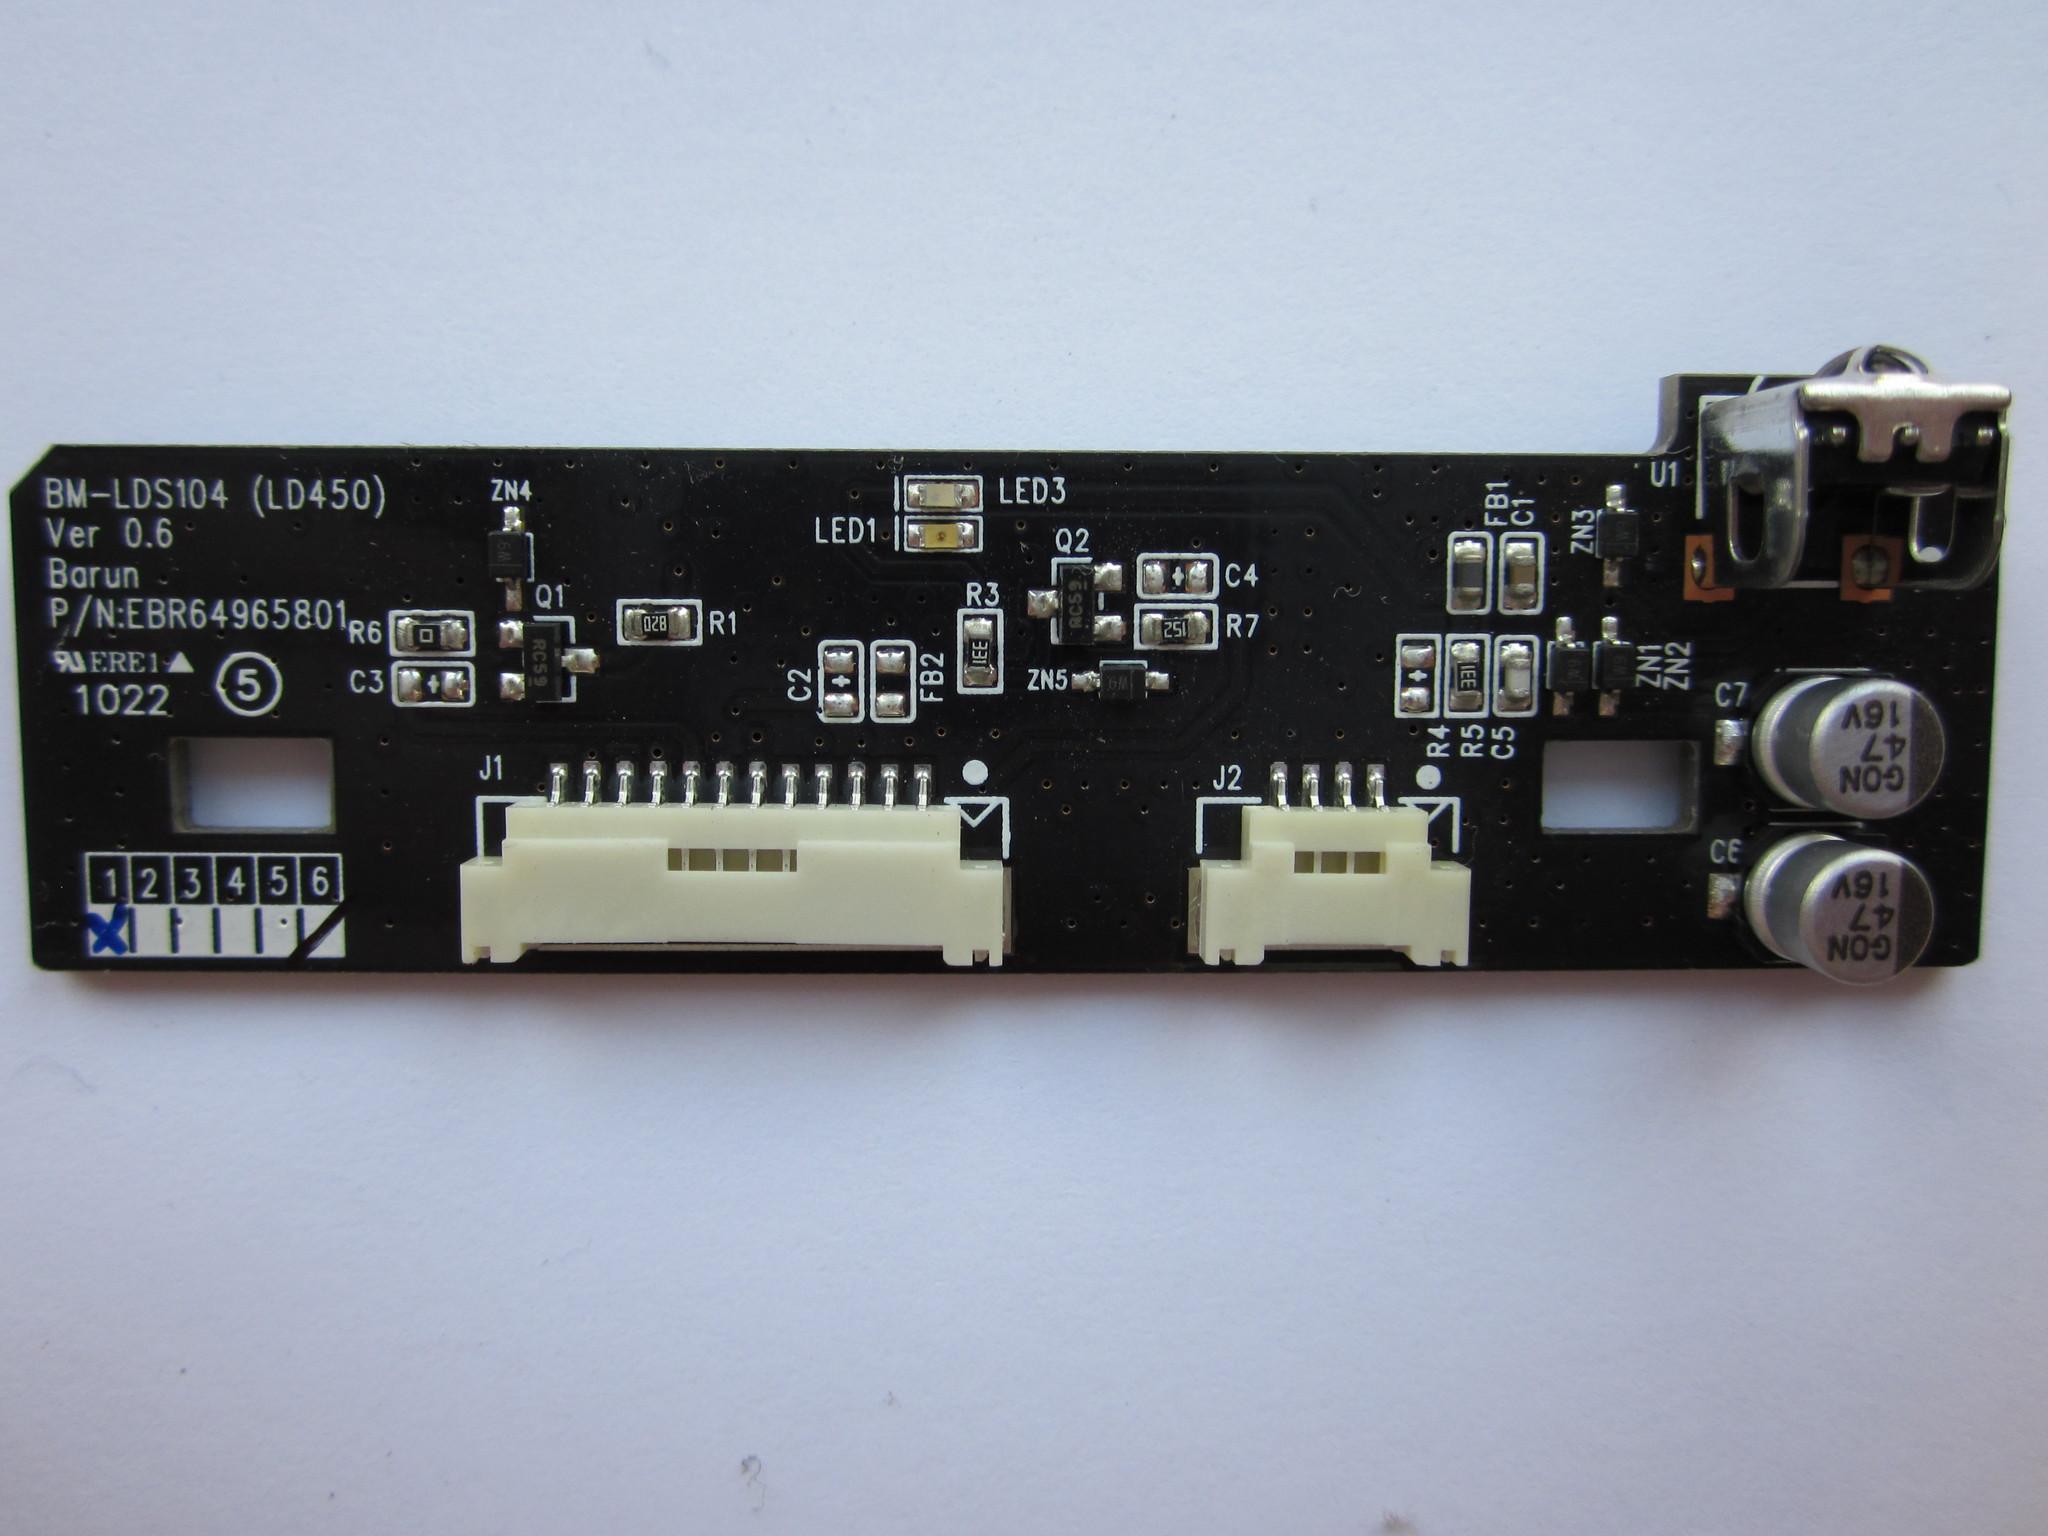 BM-LDS104 VER 0.6